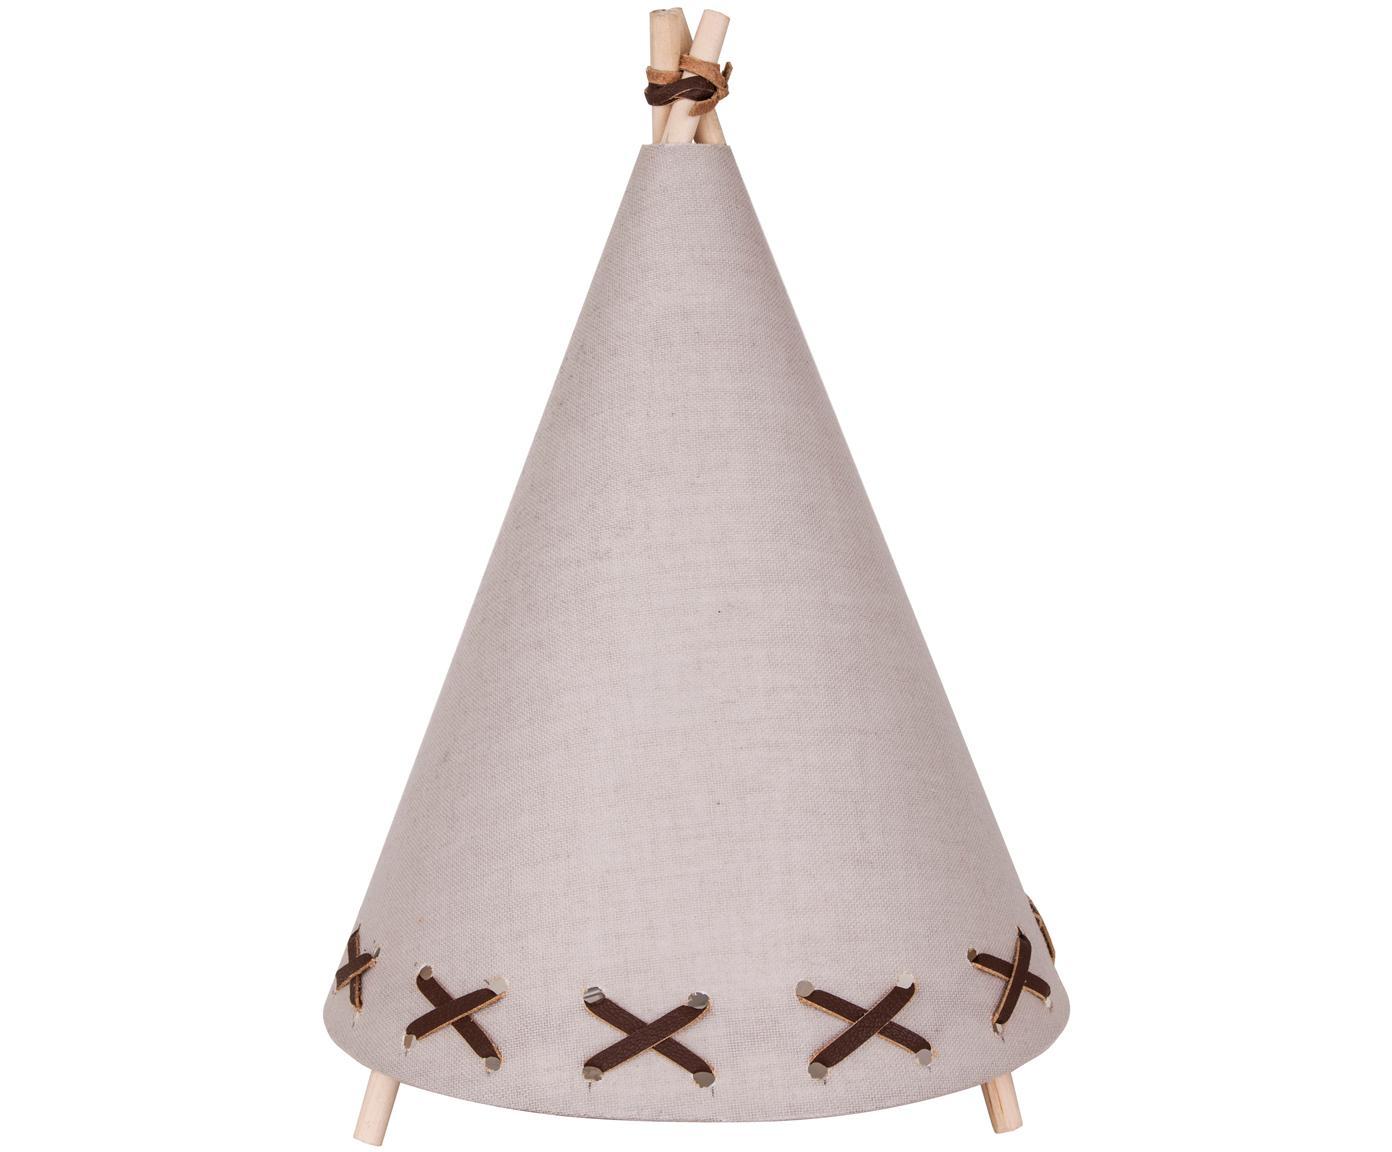 Lámpara de mesa LED Tipi, Estructura: madera, Pantalla: lino, Bayo, beige, Ø 20 x Al 29 cm